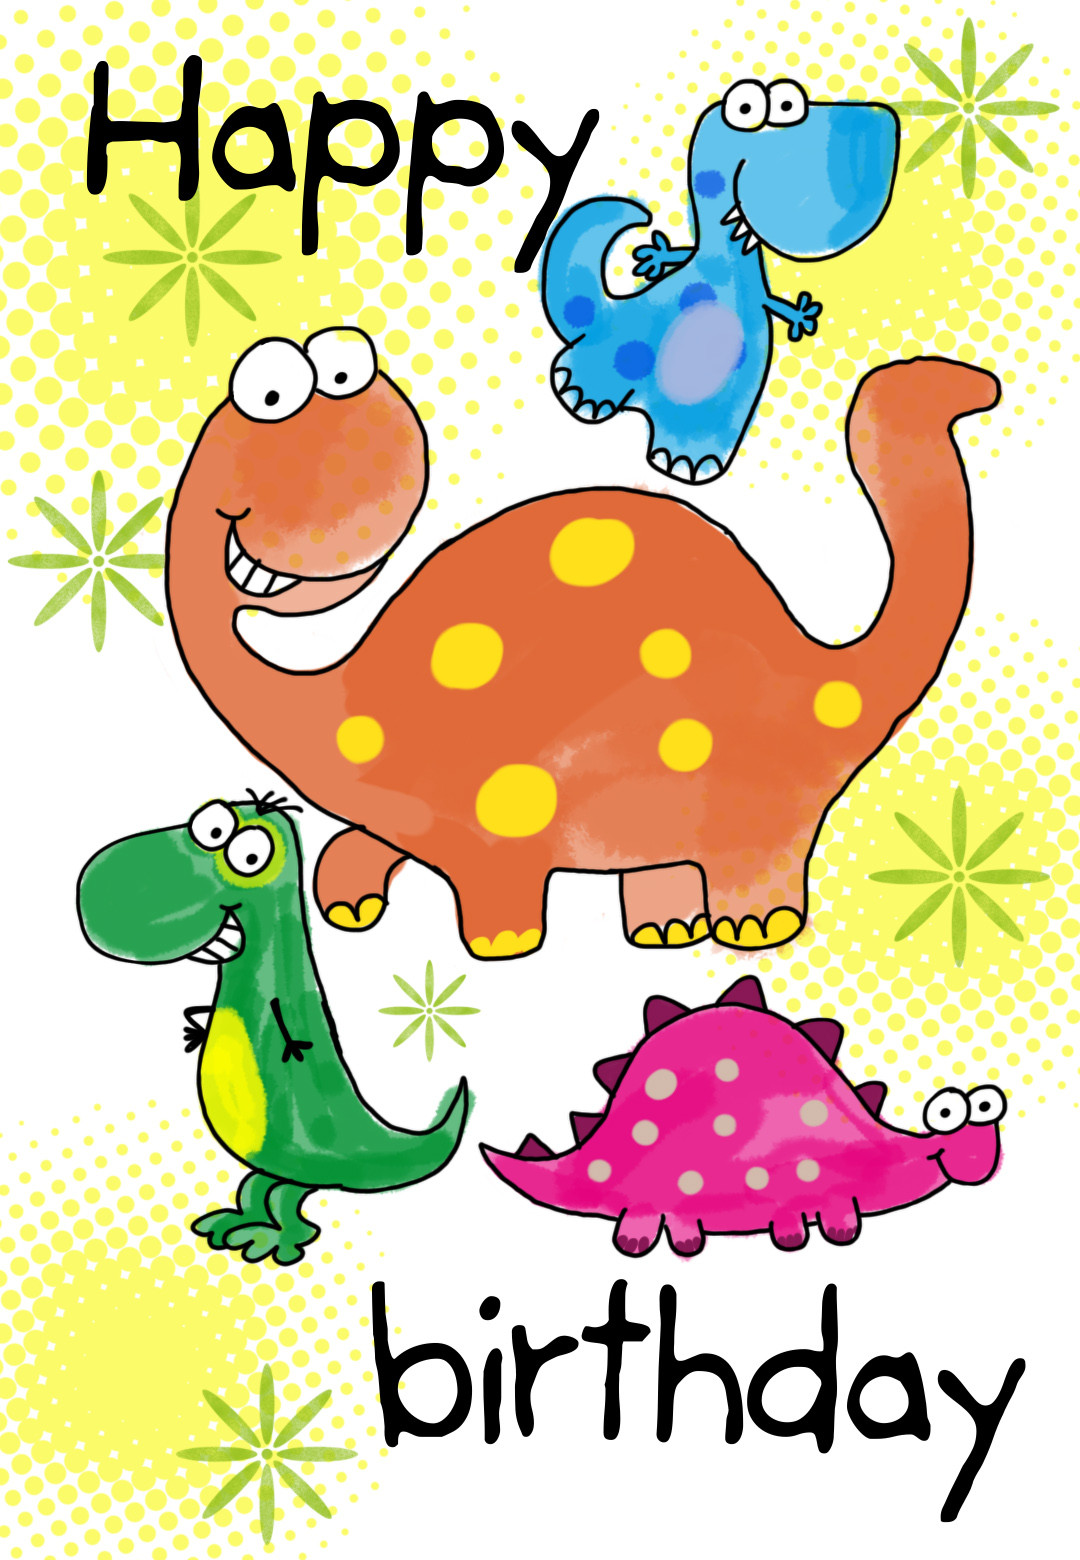 Free Printable Kids Birthday Cards  Four Cute Dinosaurs Birthday Card